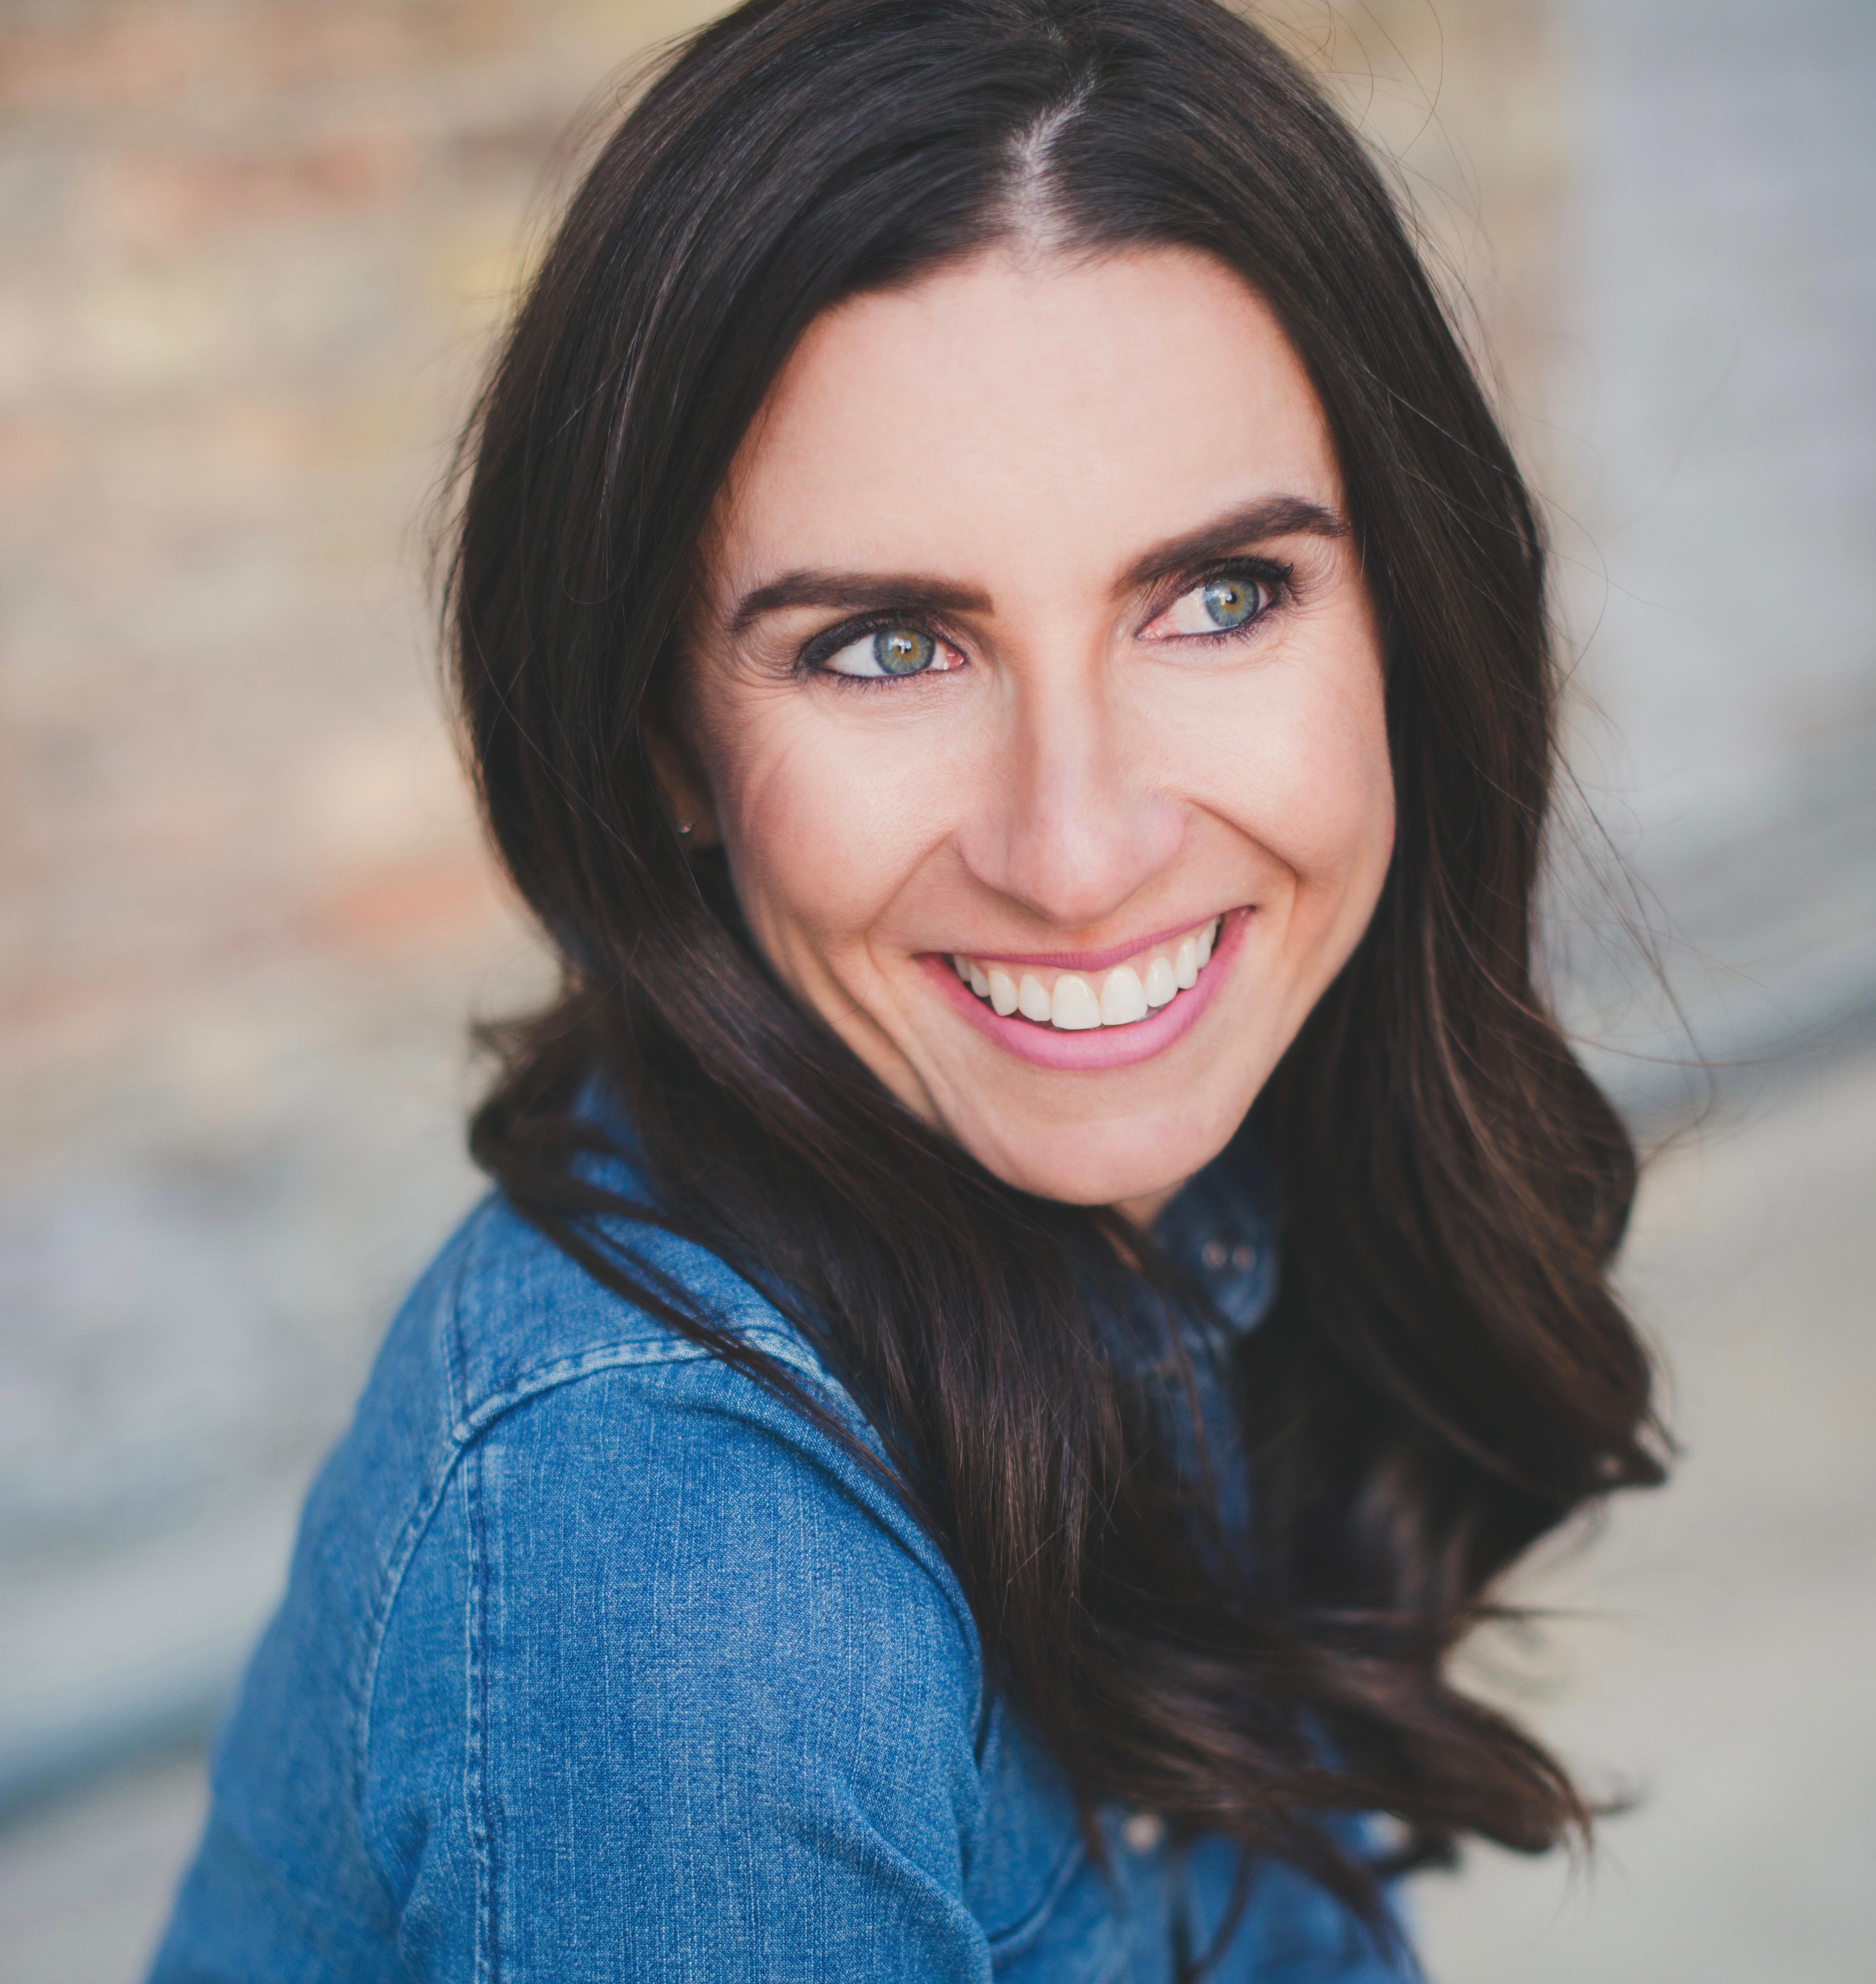 Kat Dayton